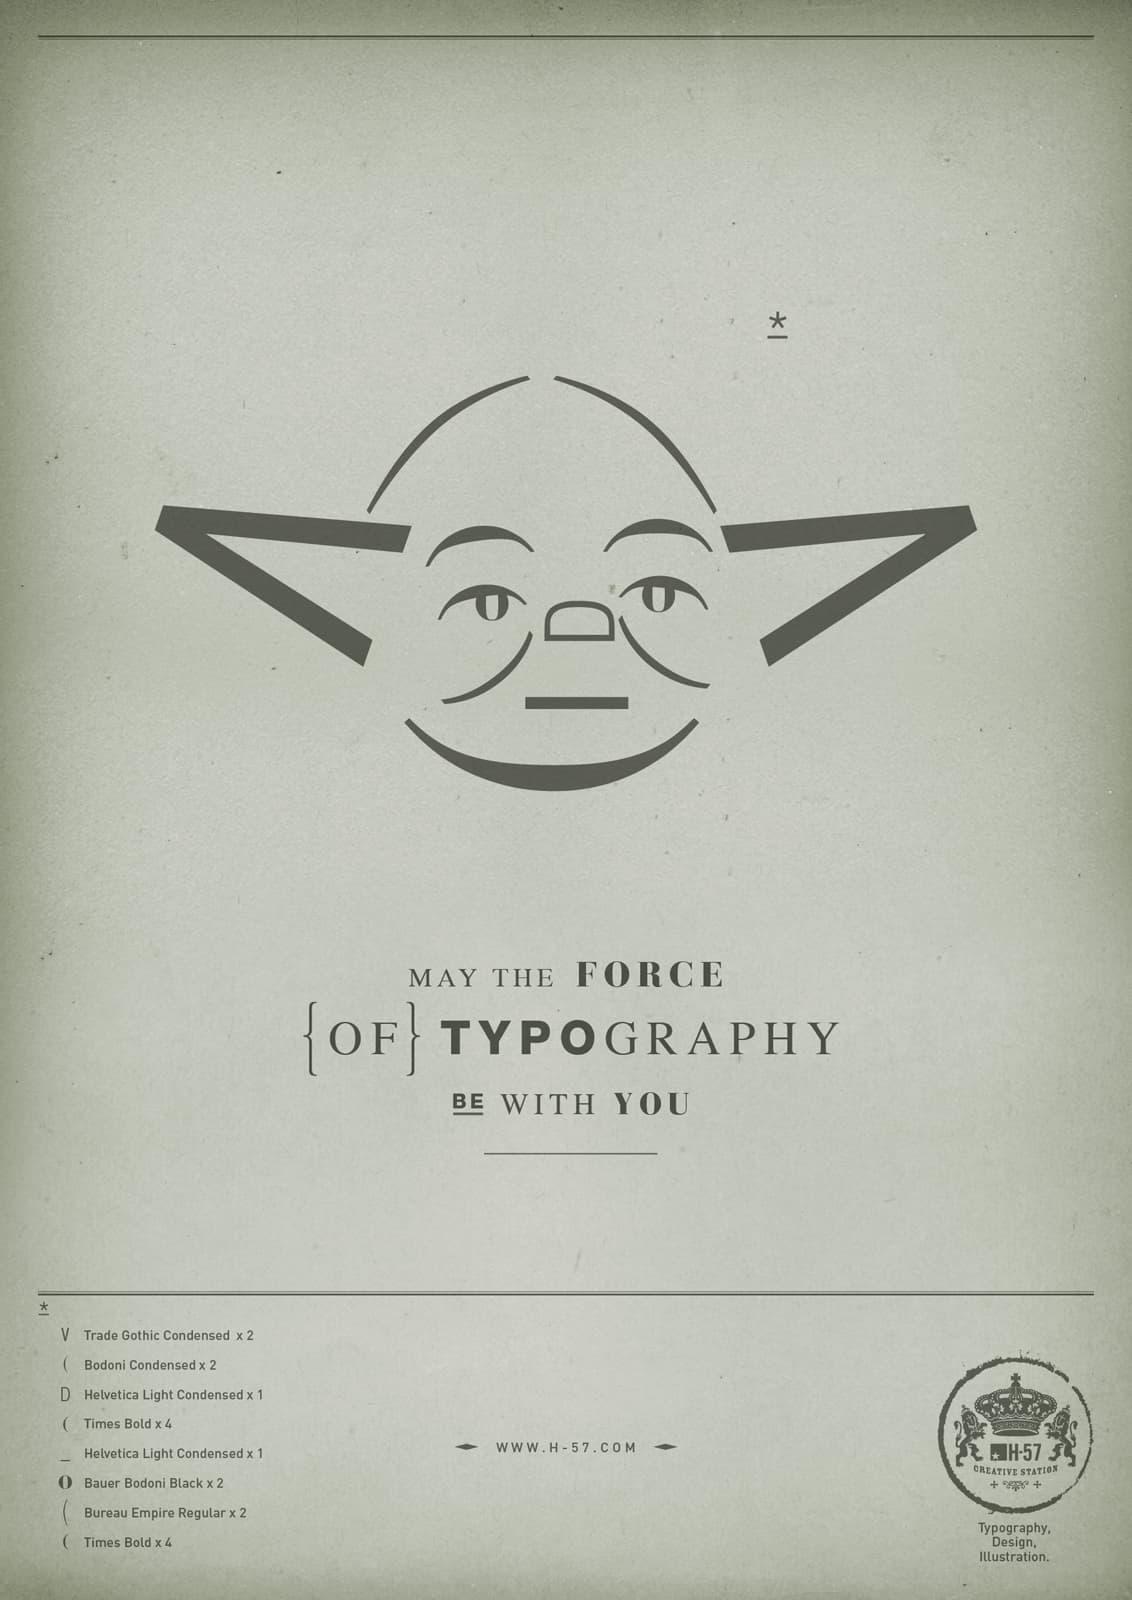 H-57 Creative Station : Yoda